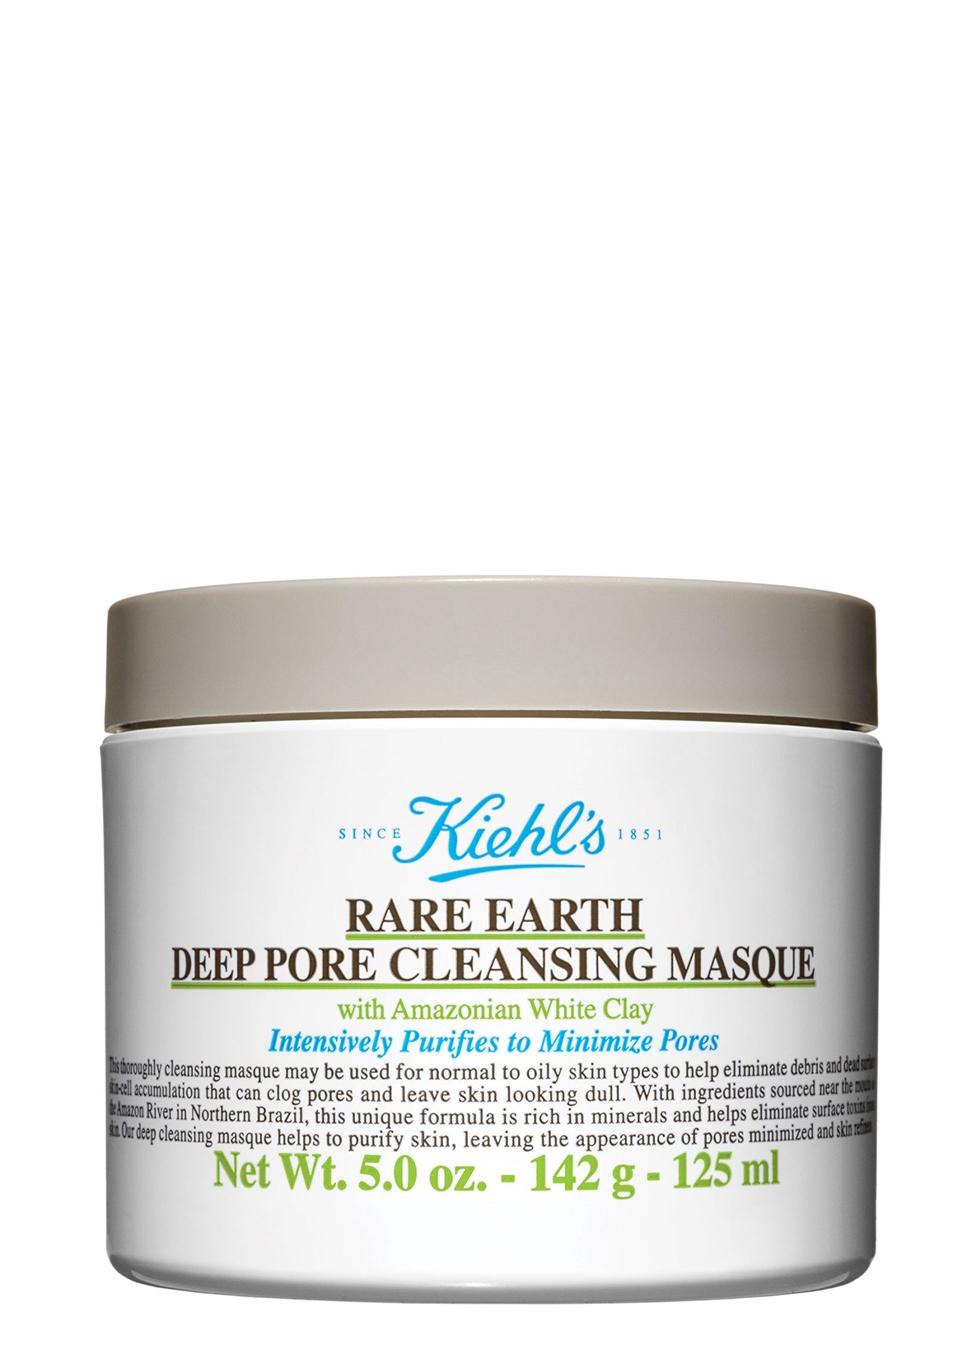 Rare Earth Deep Pore Cleansing Masque 142ml